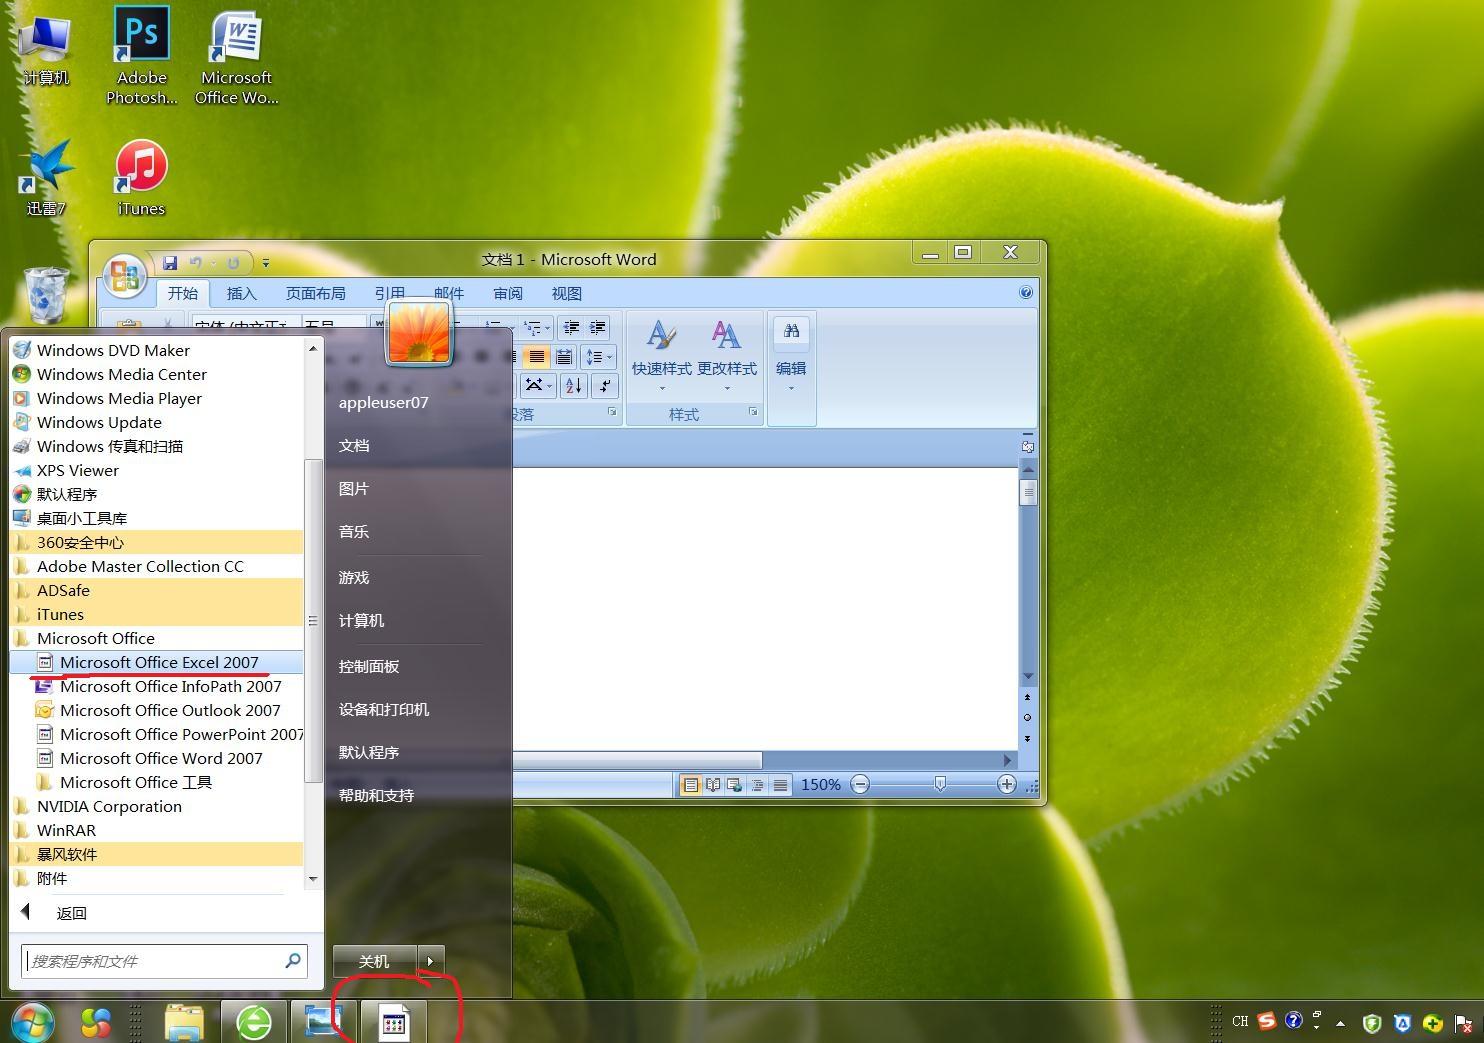 如图:win7系统,word图标在桌面显示是正常的,但在下面工具栏,和开始图片